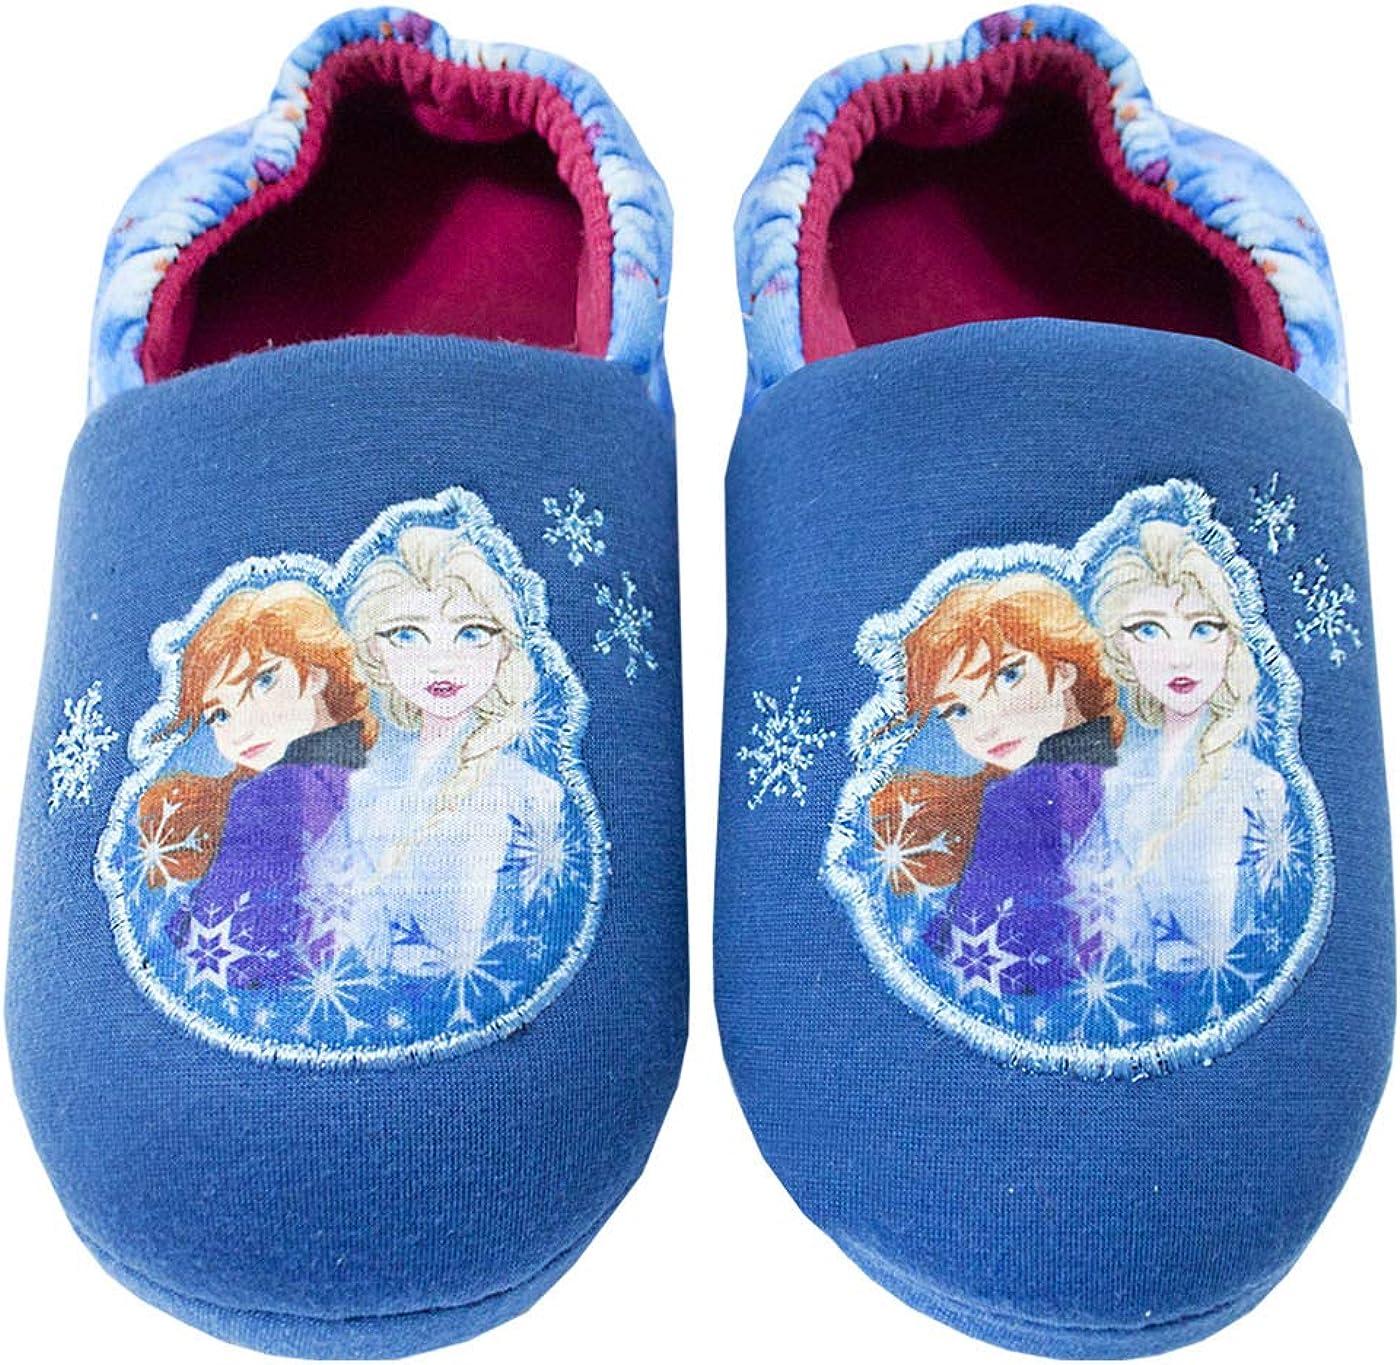 Disney Boys Girls Character Novelty Slippers